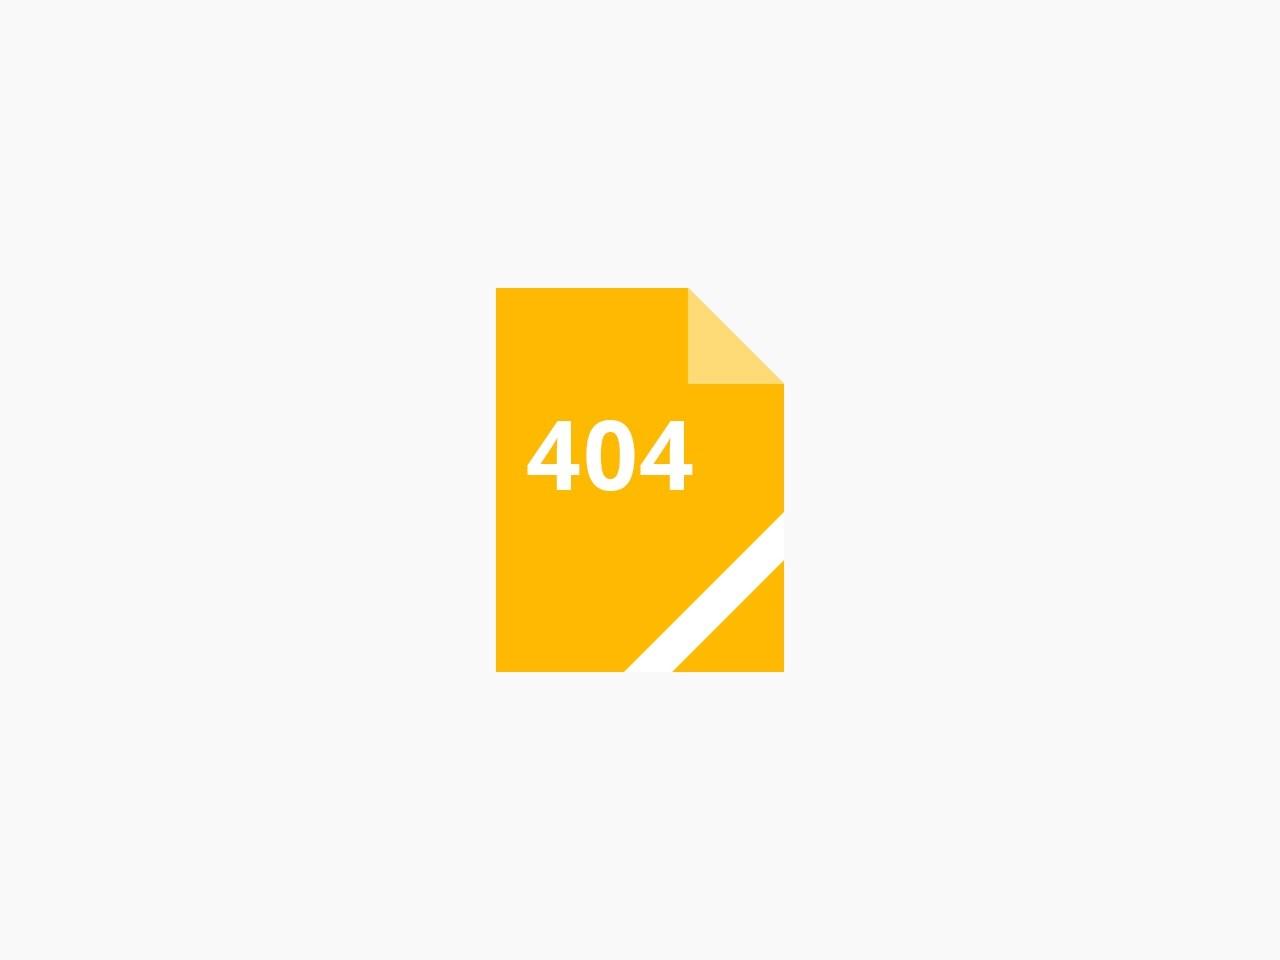 安龙县人民政府